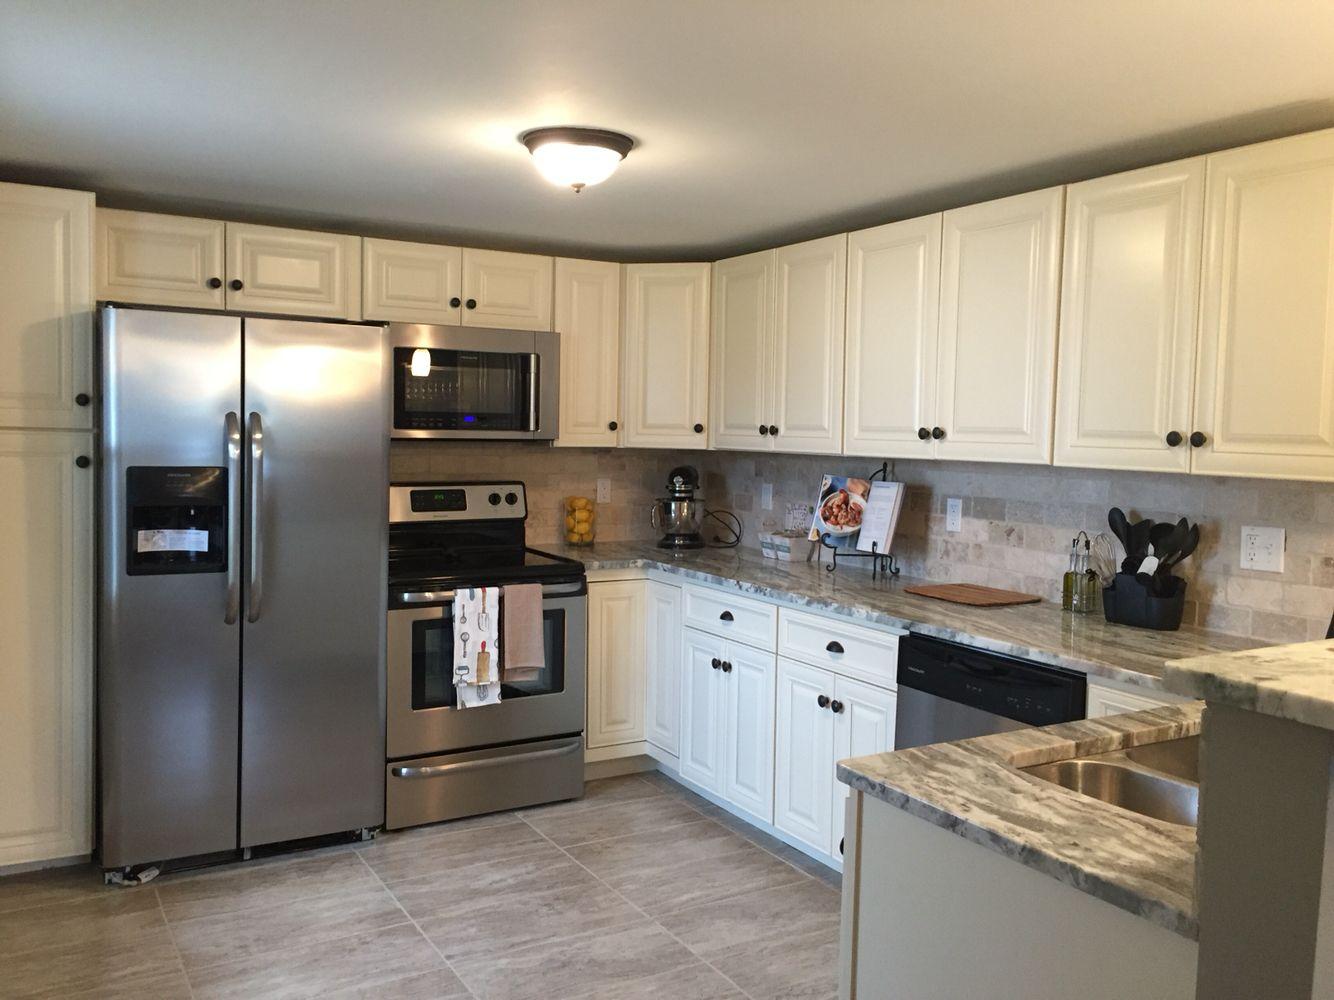 c273be2d30586803c9d6e5c03417a62c Painting Kitchen Cabinets Unique Ideas on unique kitchen furniture, unique kitchen colors, unique rustic kitchen cabinets, unique kitchen designs, unique kitchen tiles, unique kitchen decor,